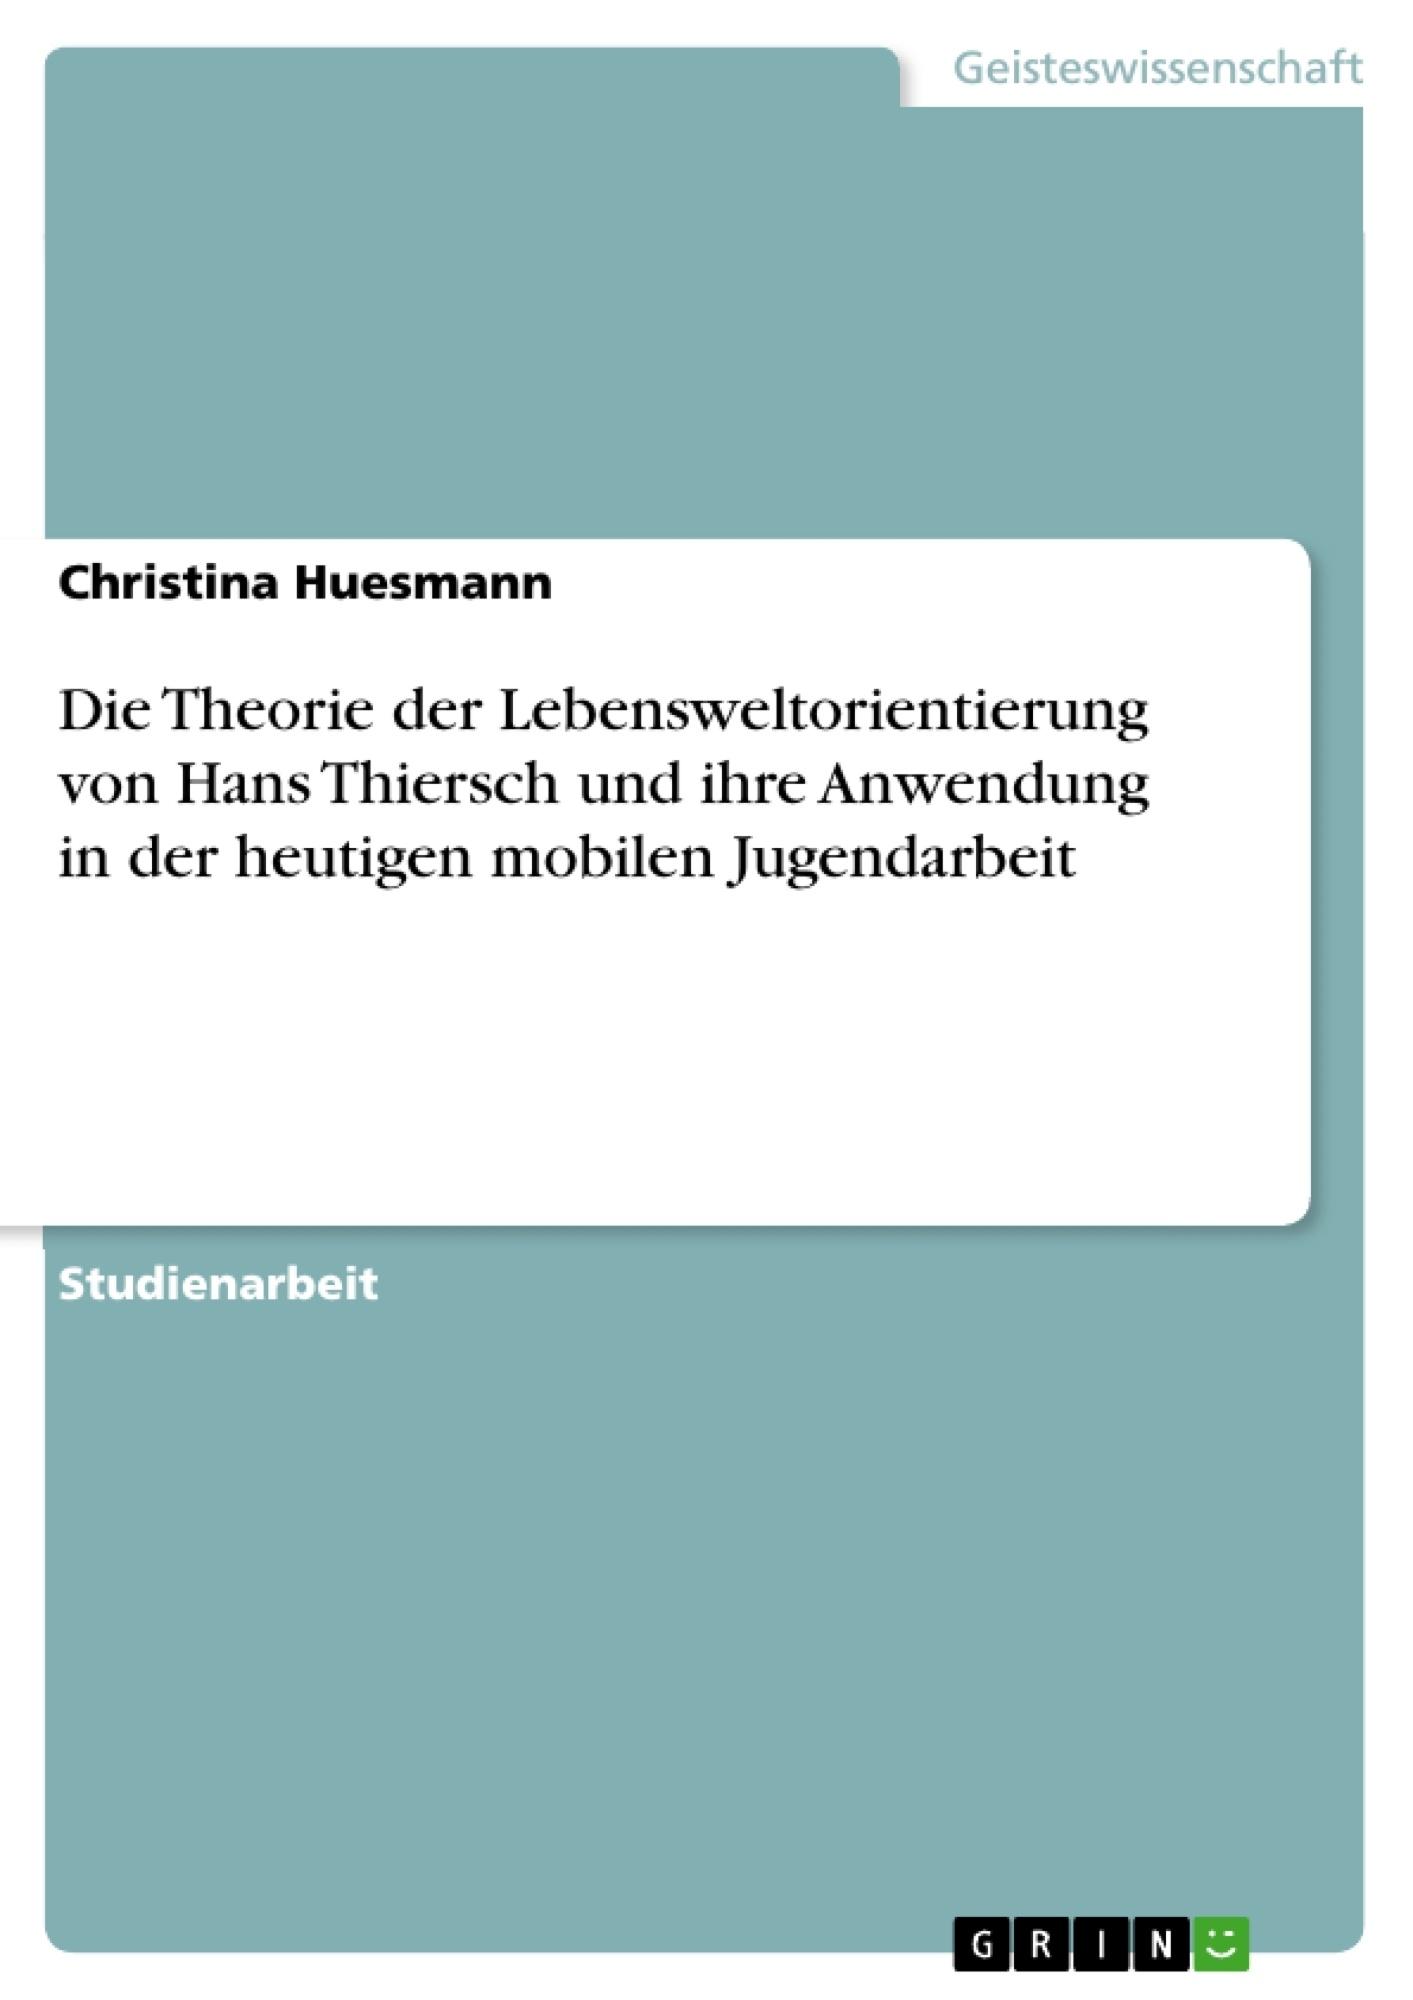 Titel: Die Theorie der Lebensweltorientierung von Hans Thiersch und ihre Anwendung in der heutigen mobilen Jugendarbeit